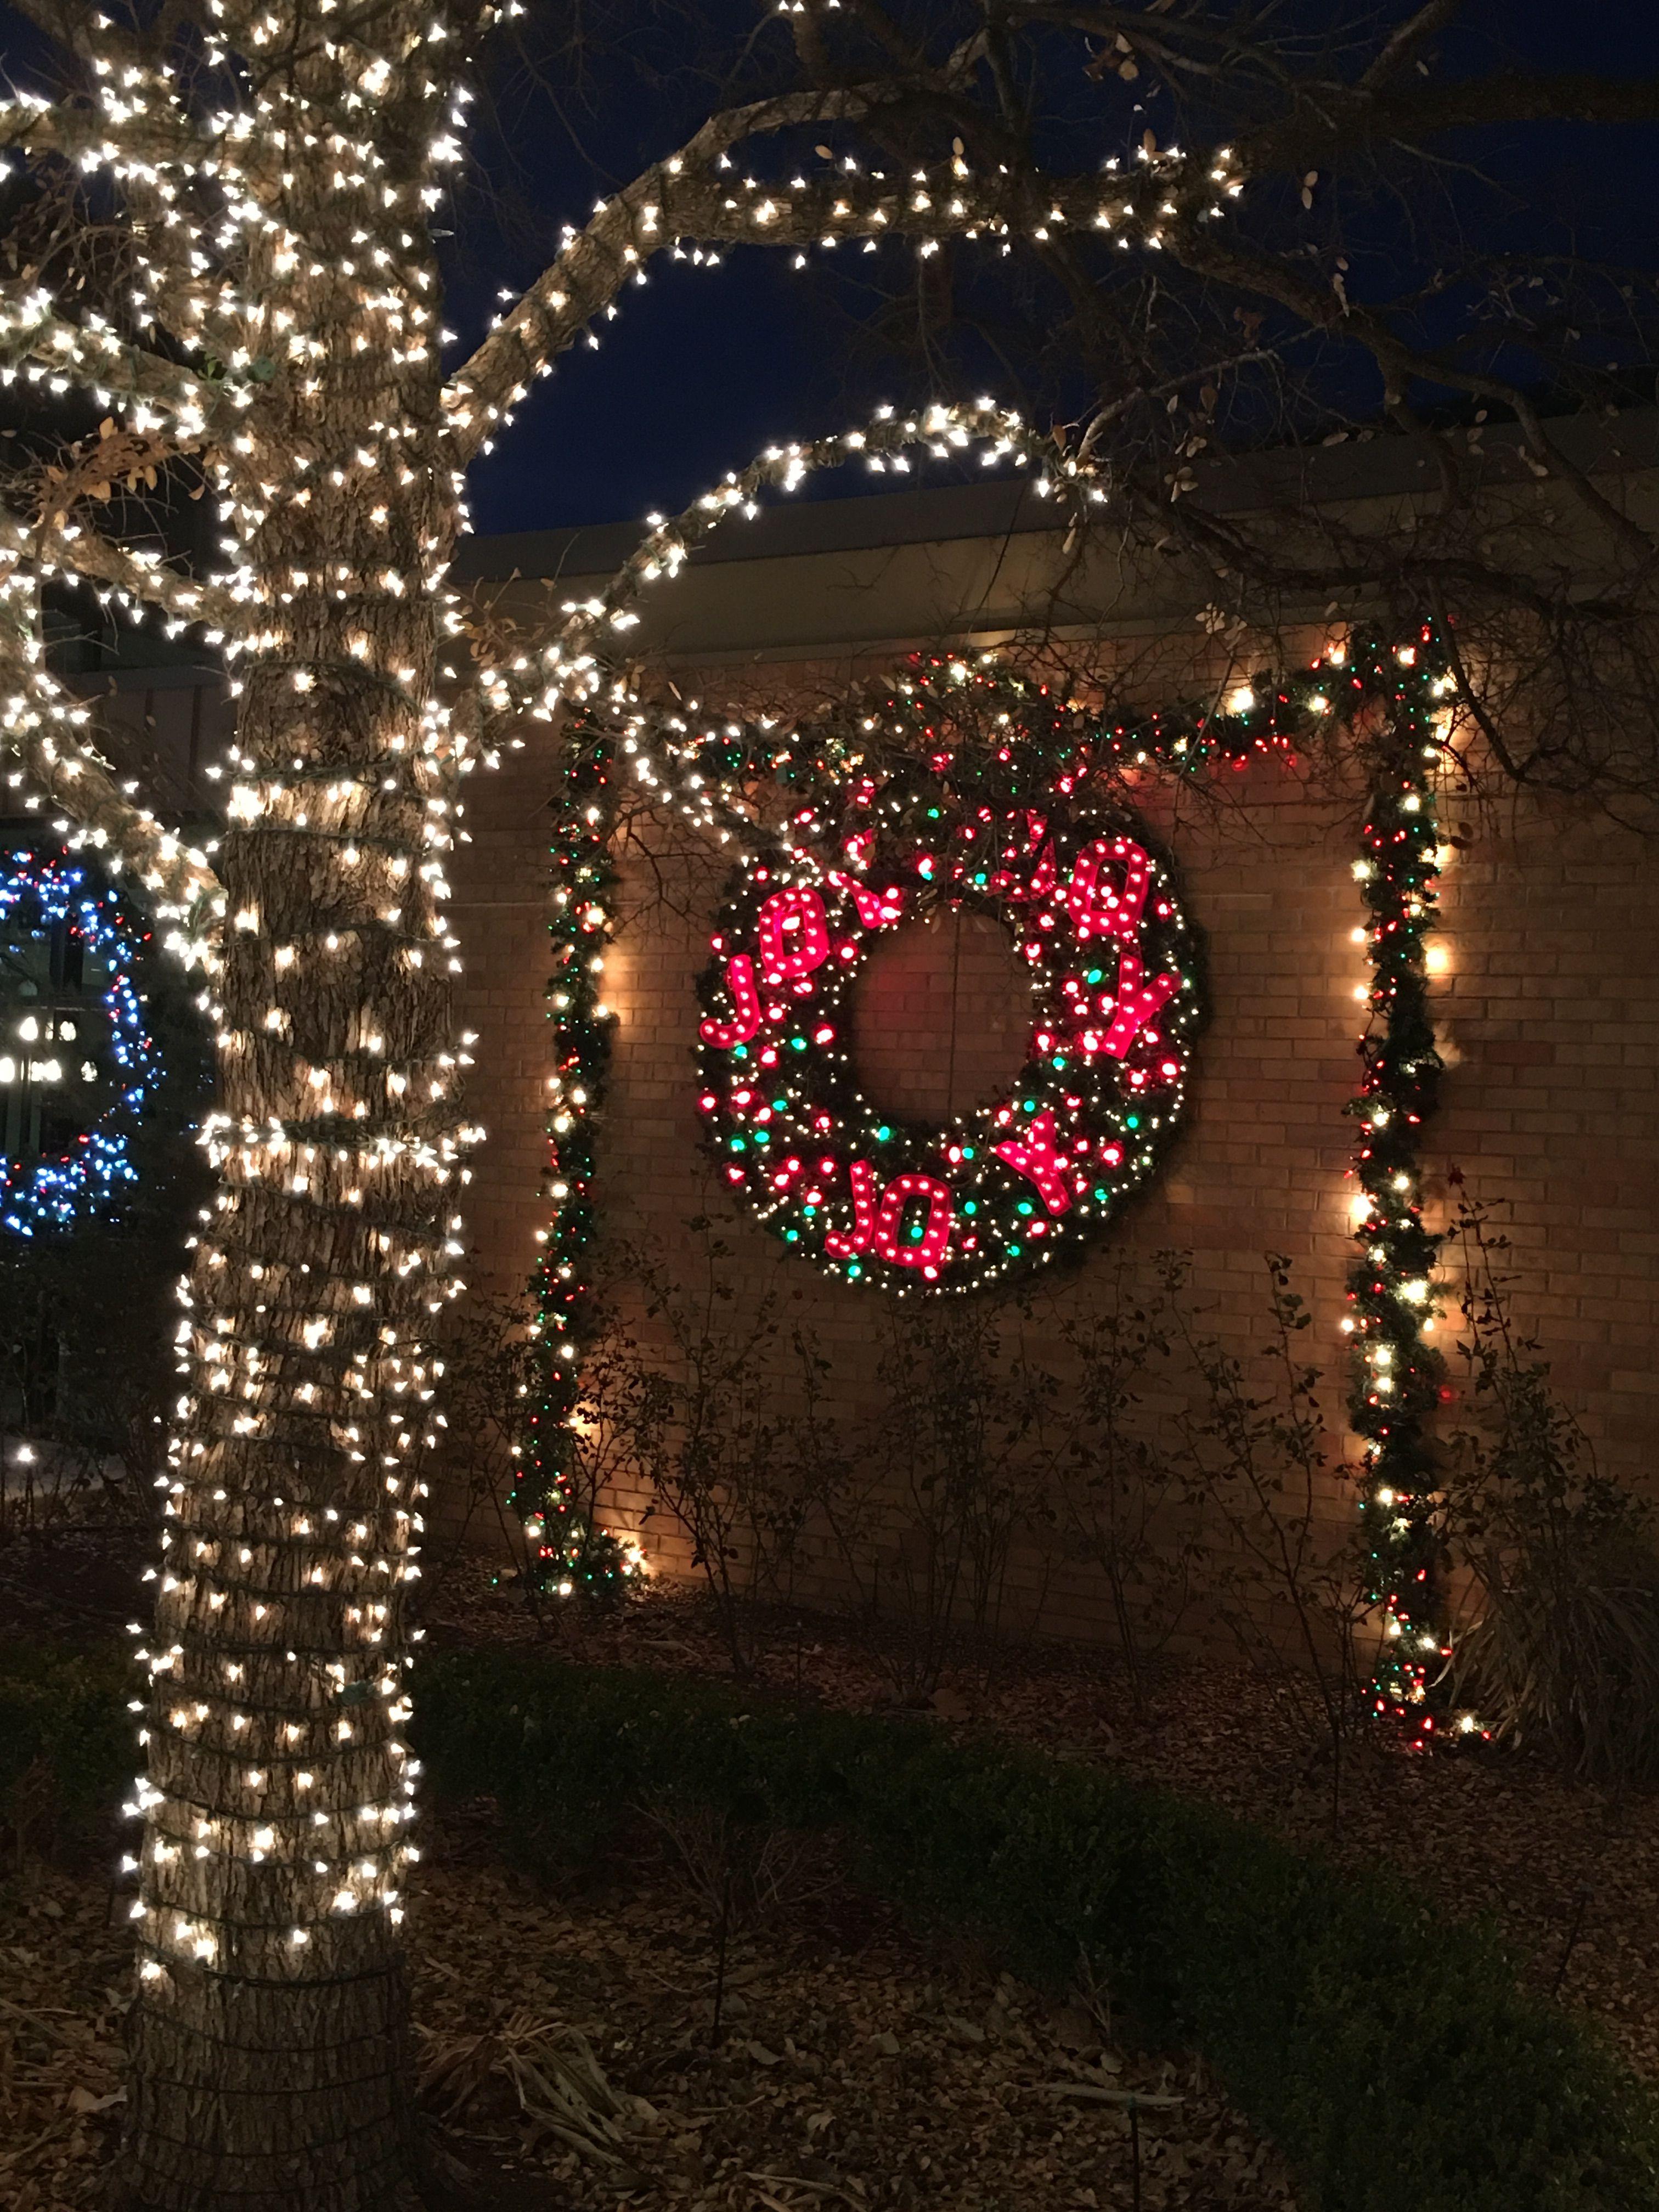 Christmas Lights By Ejh On Christmas Lights Holiday Decor Christmas